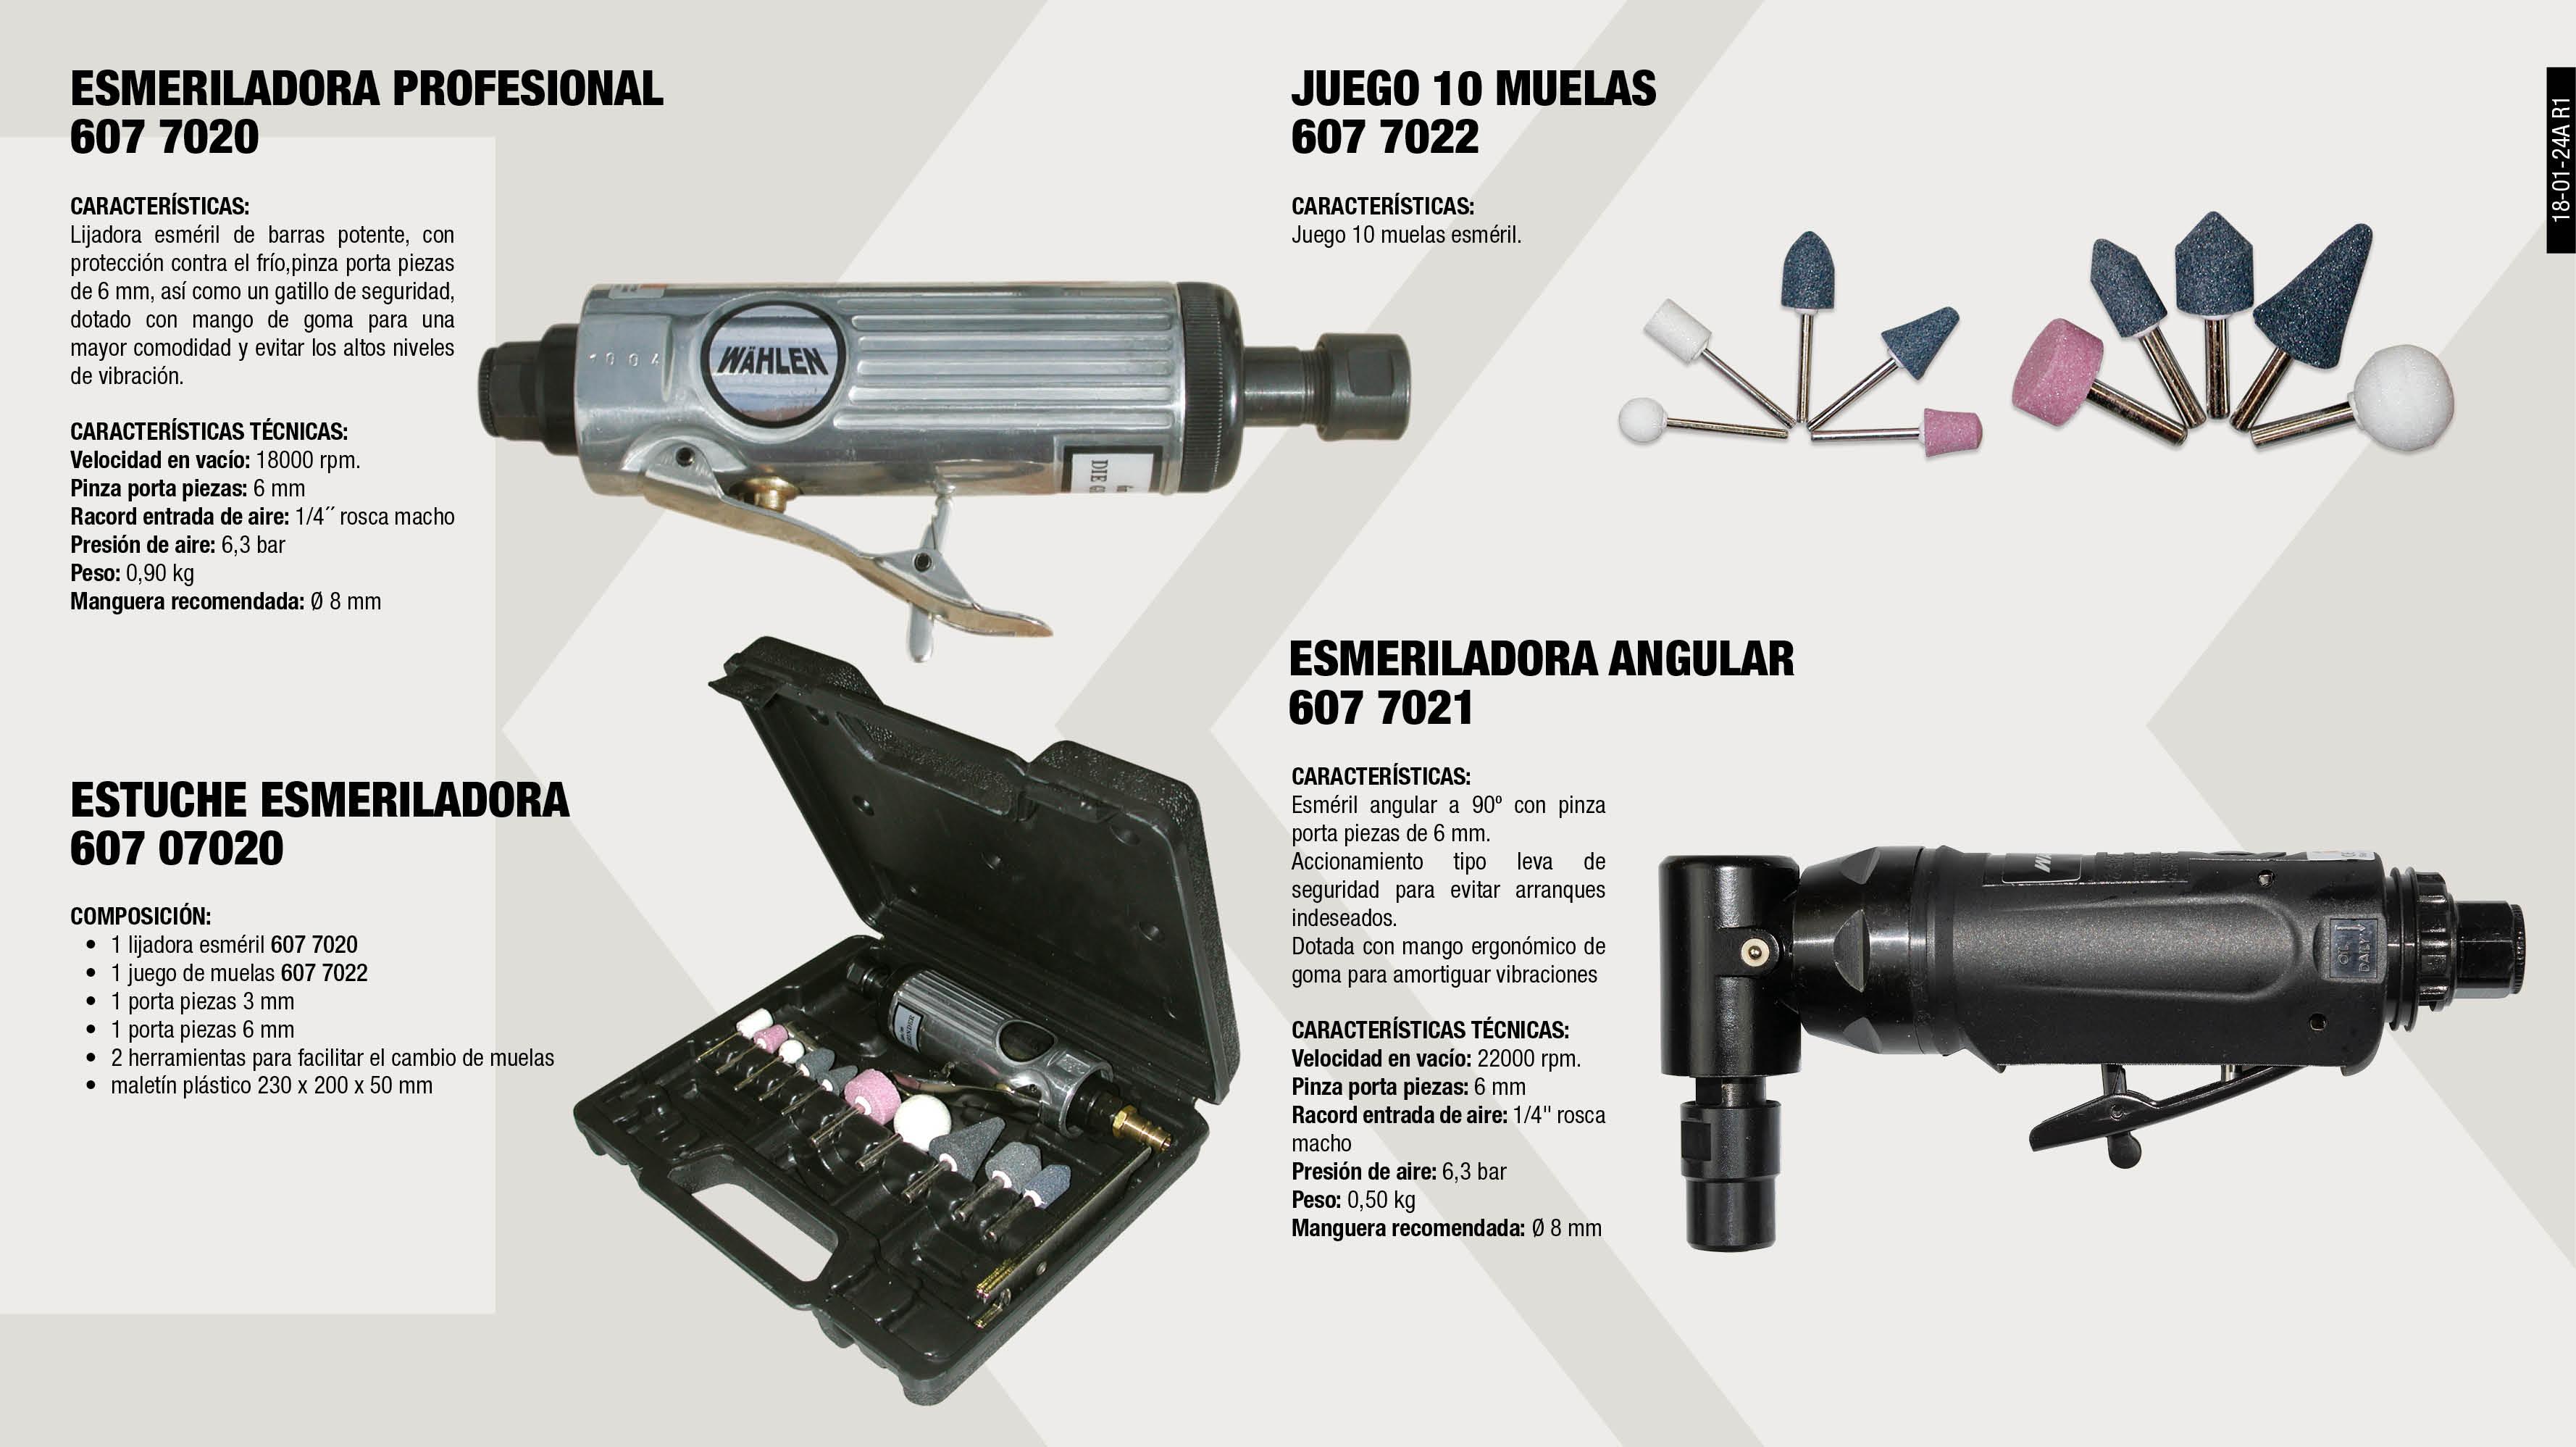 ESMERILADORA PROFESIONAL                                    ,  ESTUCHE ESMERILADORA 7020S                                  ,  JUEGO MUELAS                                                ,